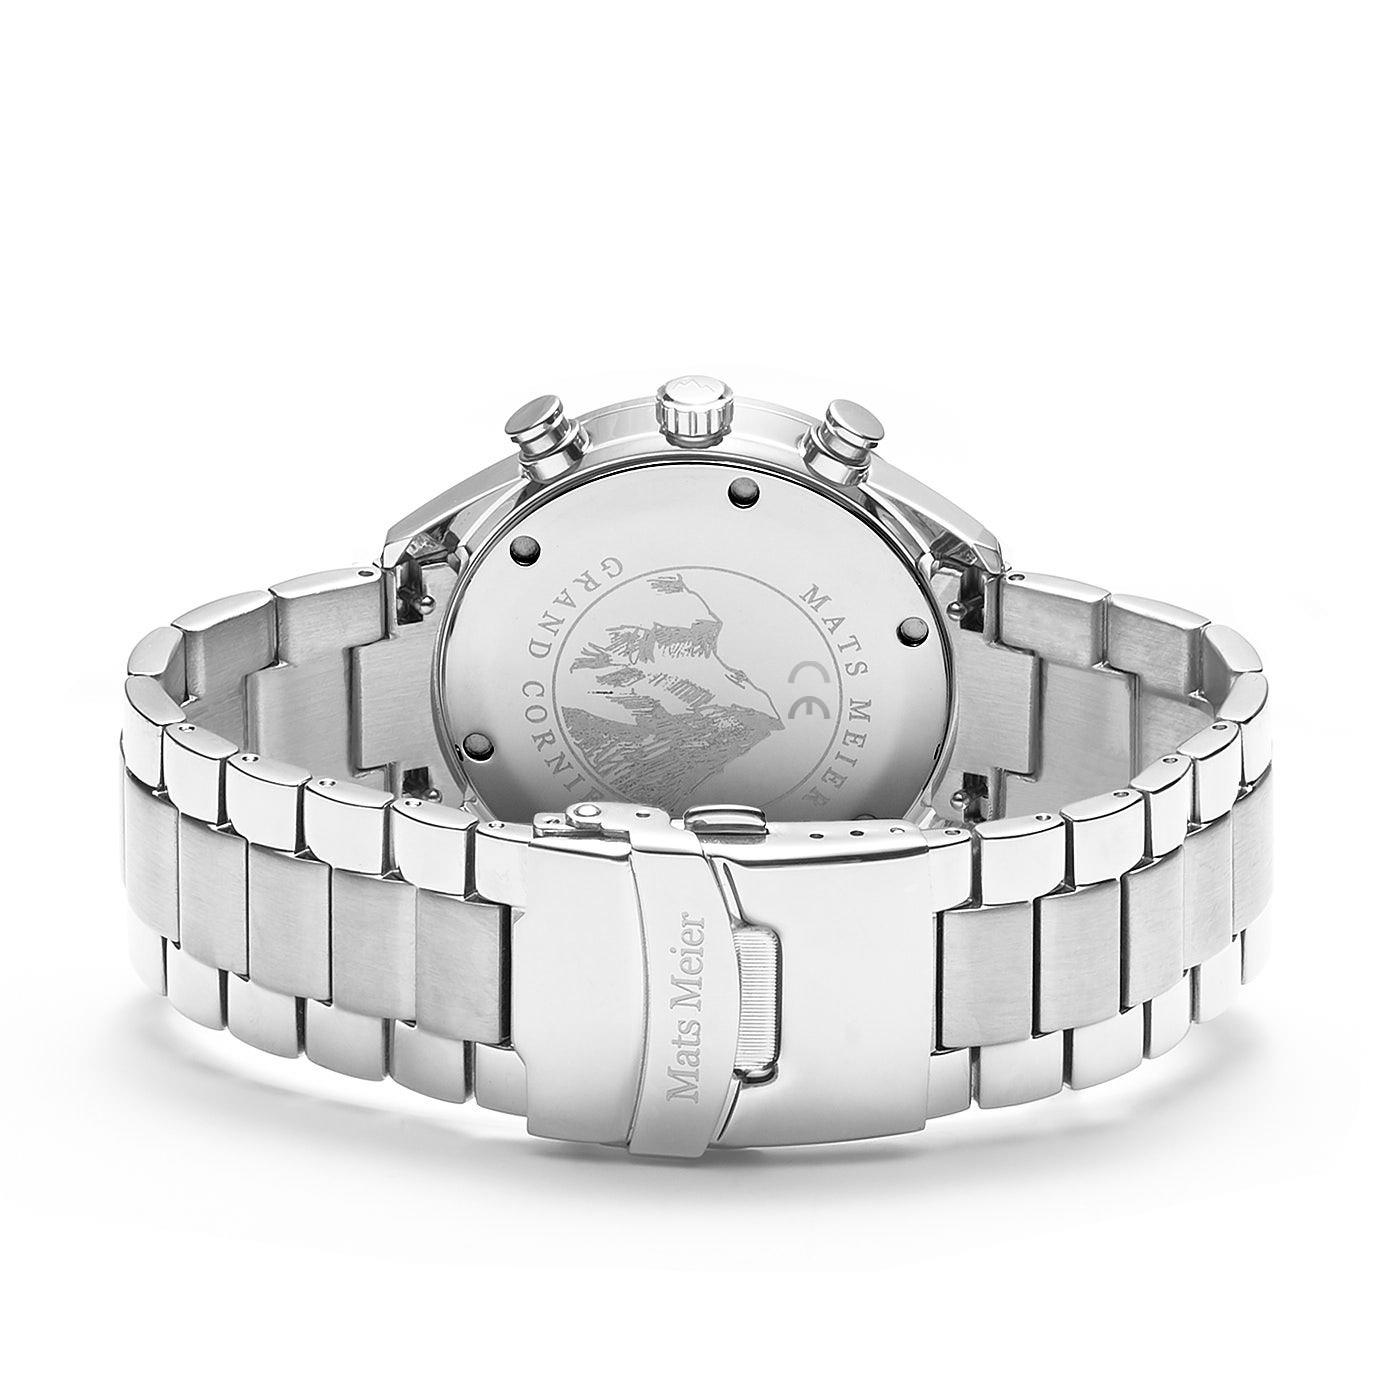 Mats Meier Grand Cornier montre chronographe noir / acier couleur argent